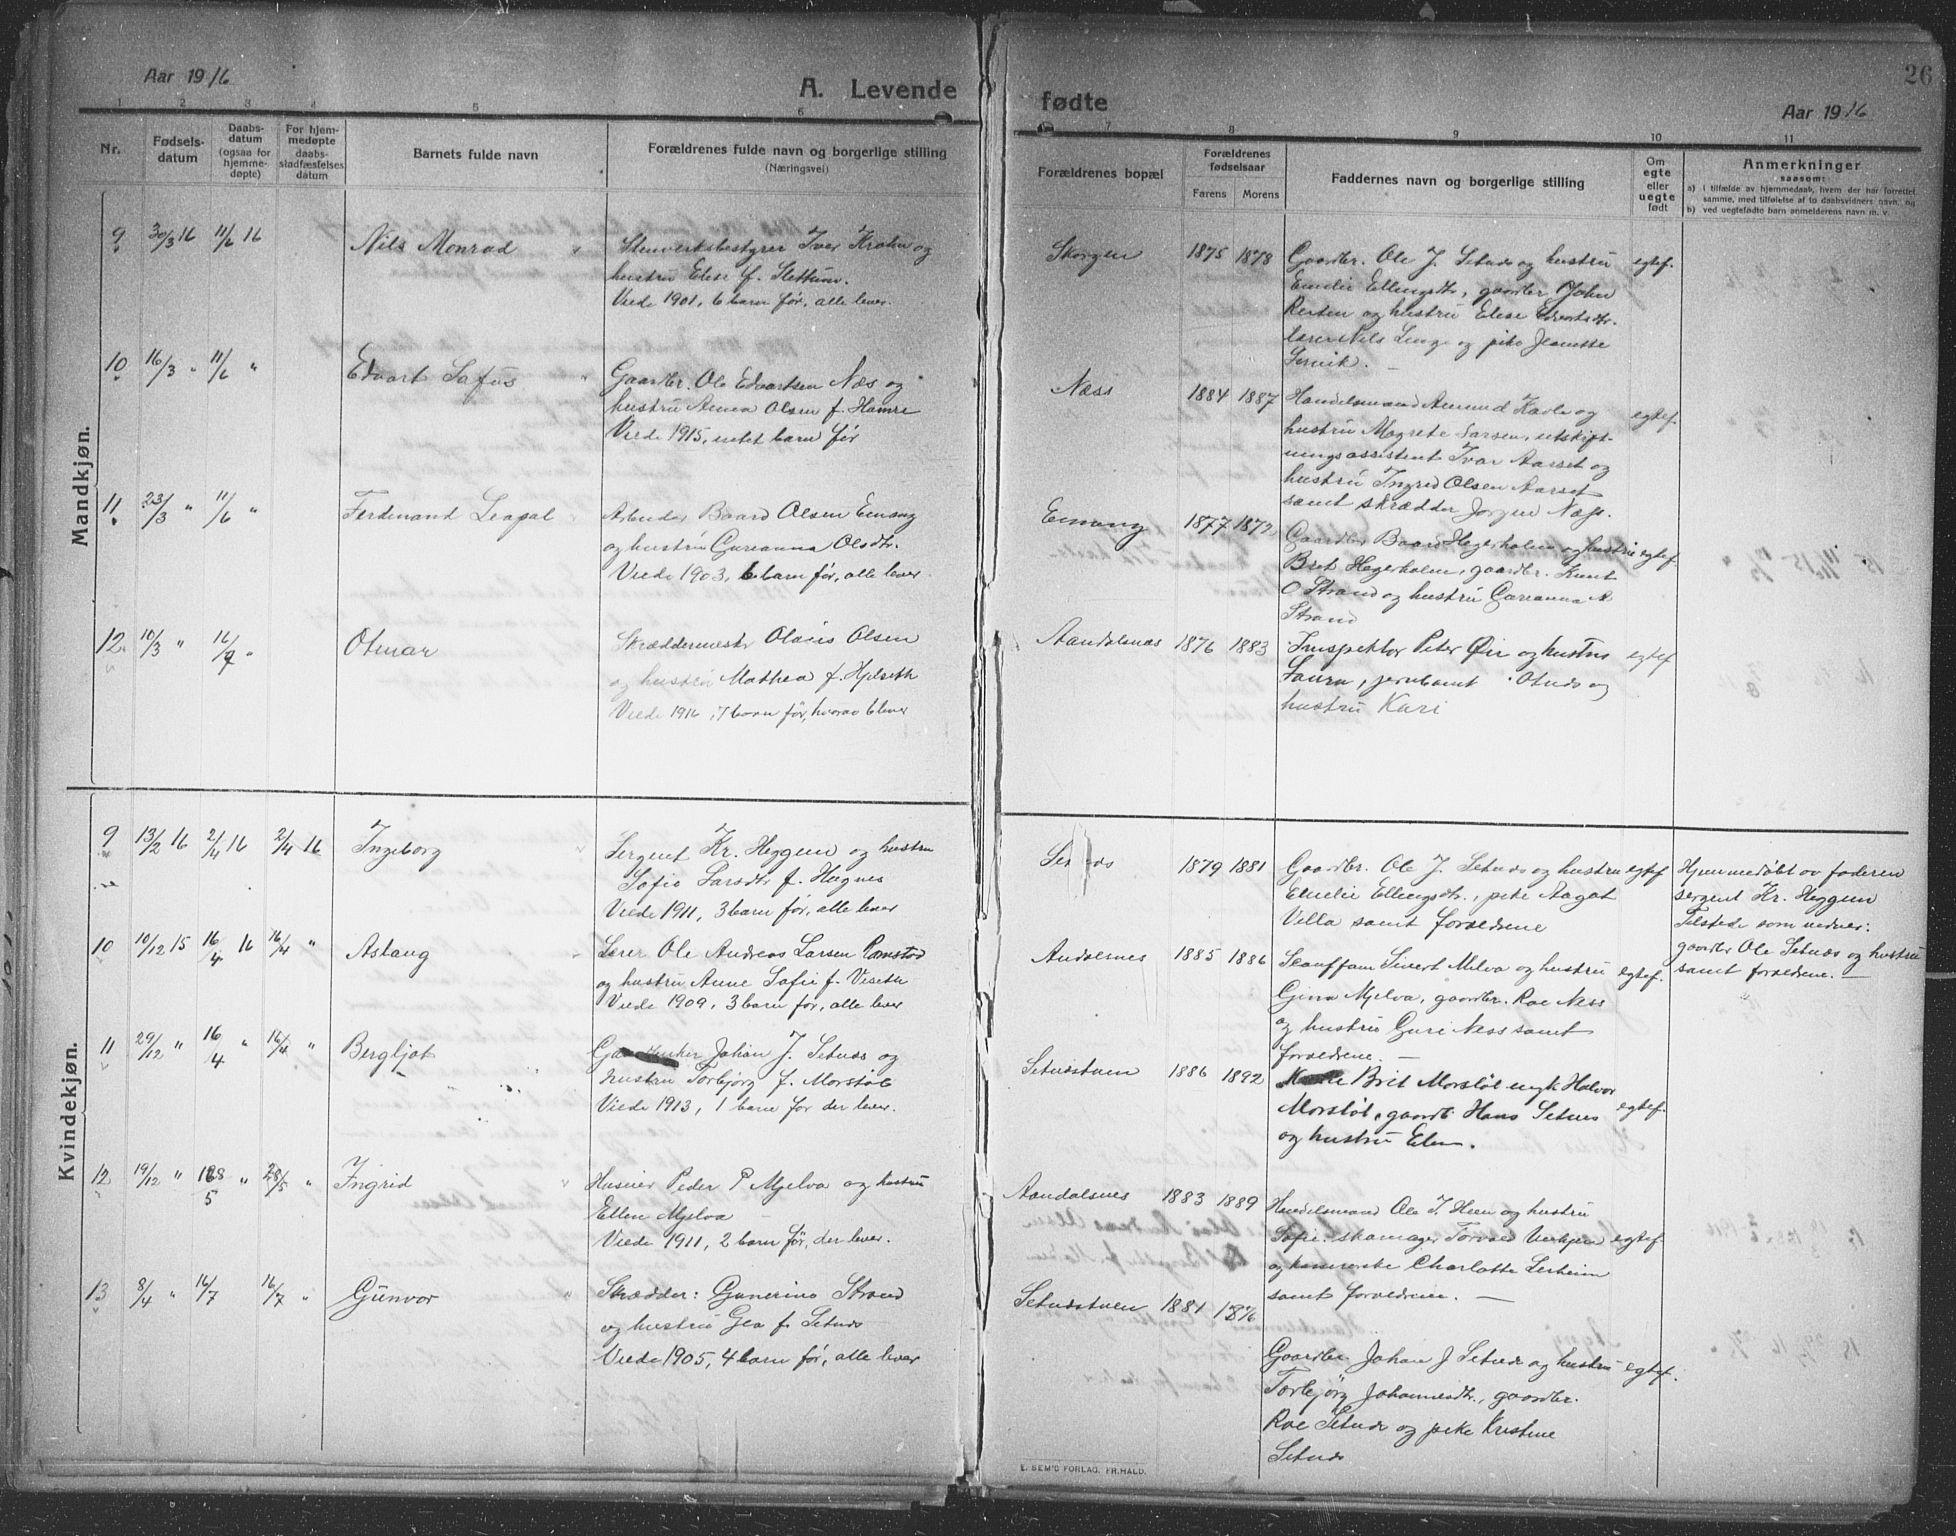 SAT, Ministerialprotokoller, klokkerbøker og fødselsregistre - Møre og Romsdal, 544/L0581: Klokkerbok nr. 544C03, 1910-1937, s. 26